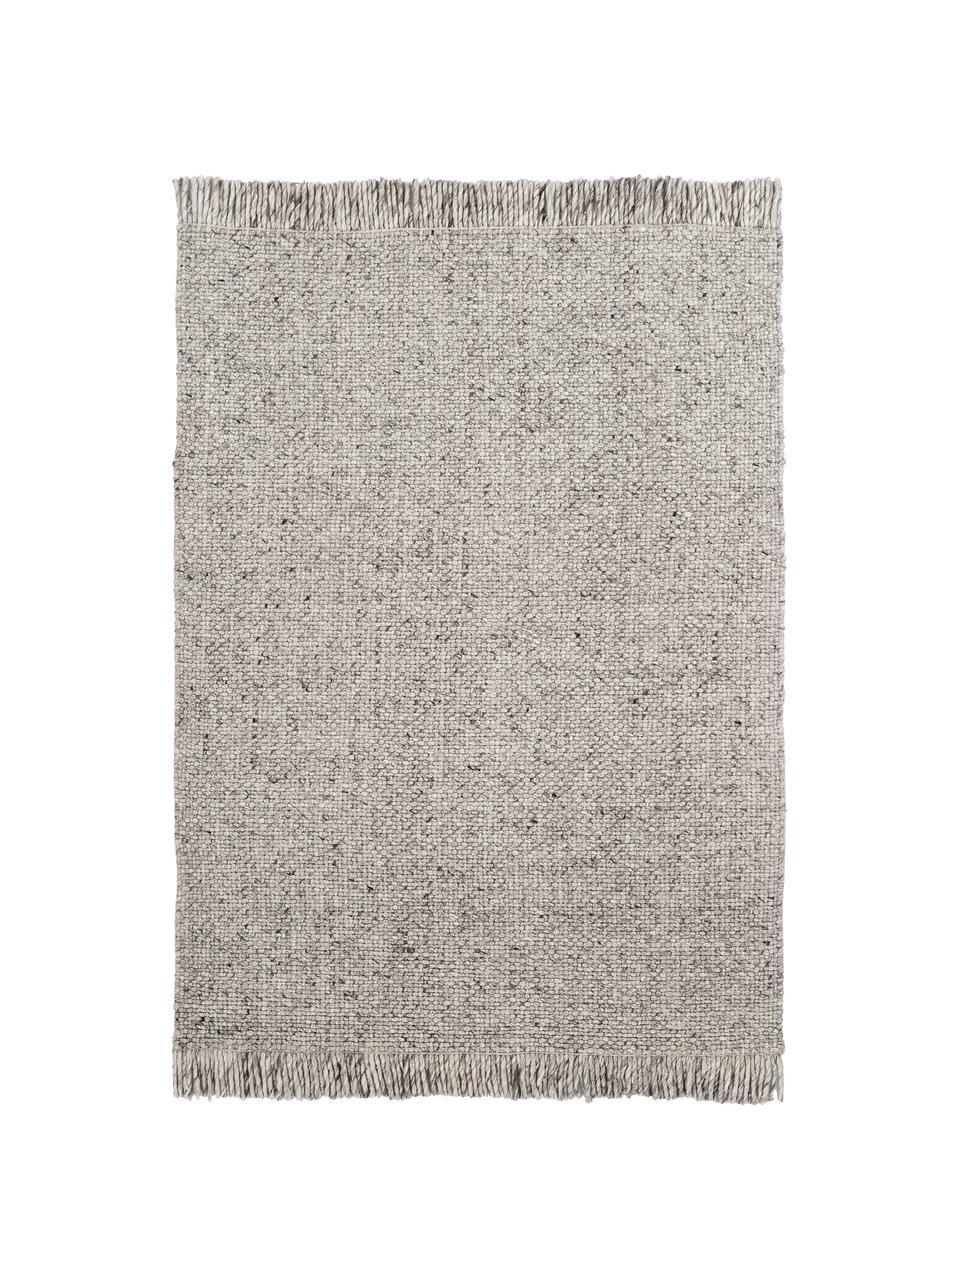 Tappeto in lana tessuto a mano grigio chiaro Eskil, Retro: 100% cotone Nel caso dei , Grigio maculato, Larg. 80 x Lung. 150 cm (taglia XS)